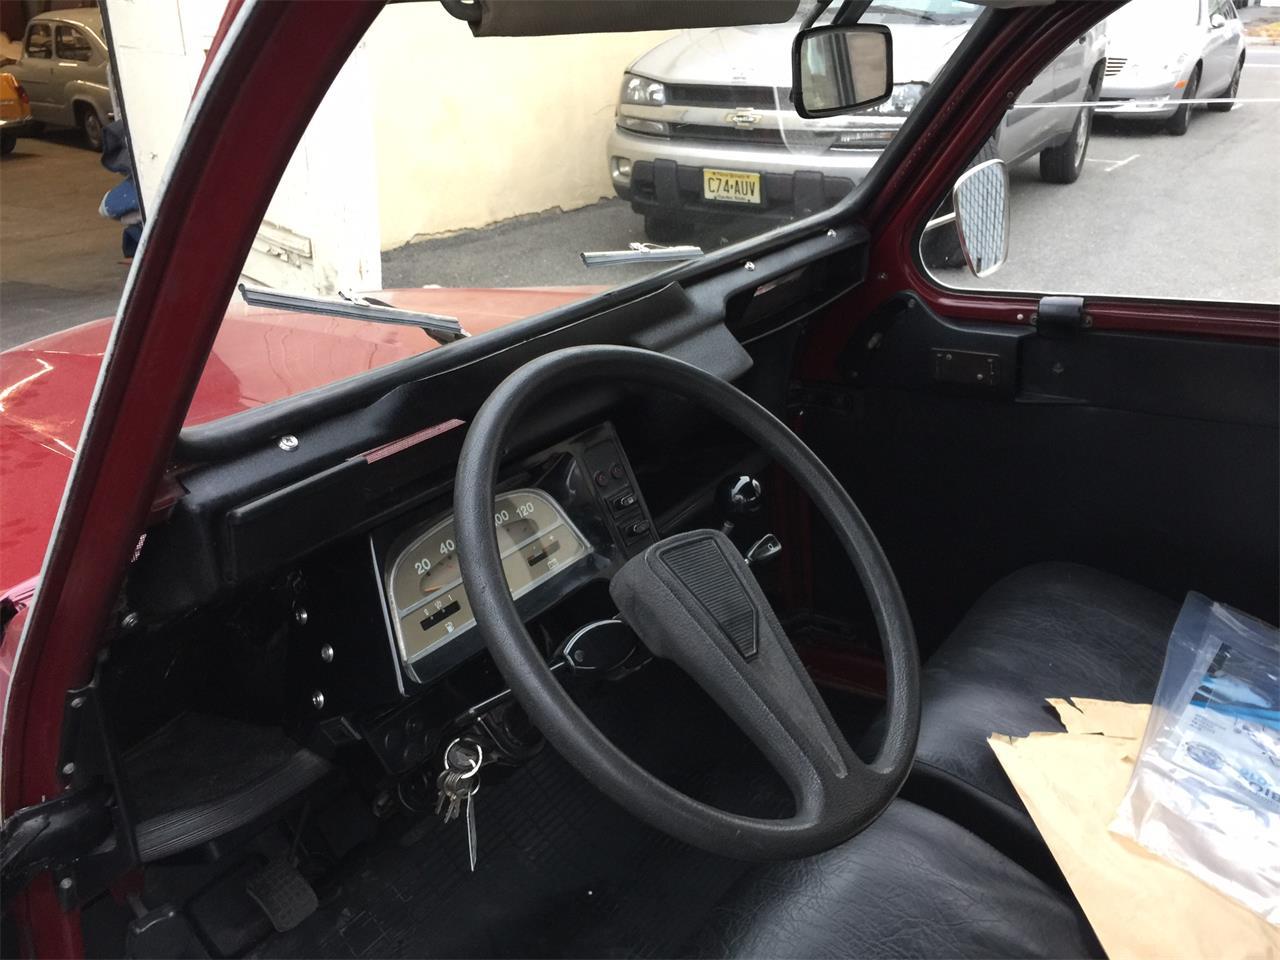 1985 Citroen 2CV (CC-1158641) for sale in Kearny, New Jersey